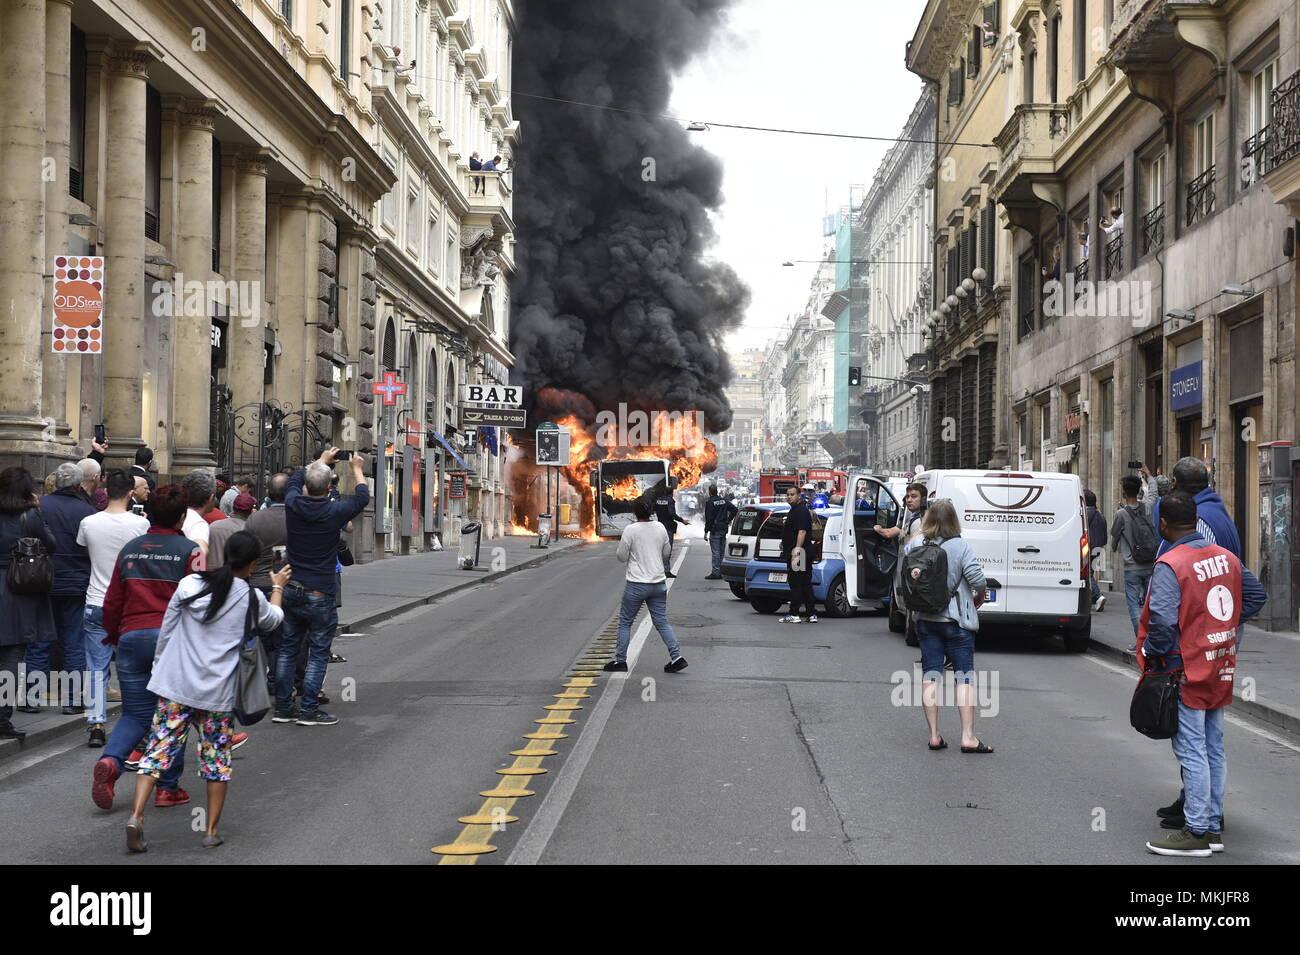 Roma, Italia. 8 Maggio, 2018. Roma, bus ATAC esplode in Via del Tritone Credit: Indipendente Photo Agency Srl/Alamy Live News Immagini Stock